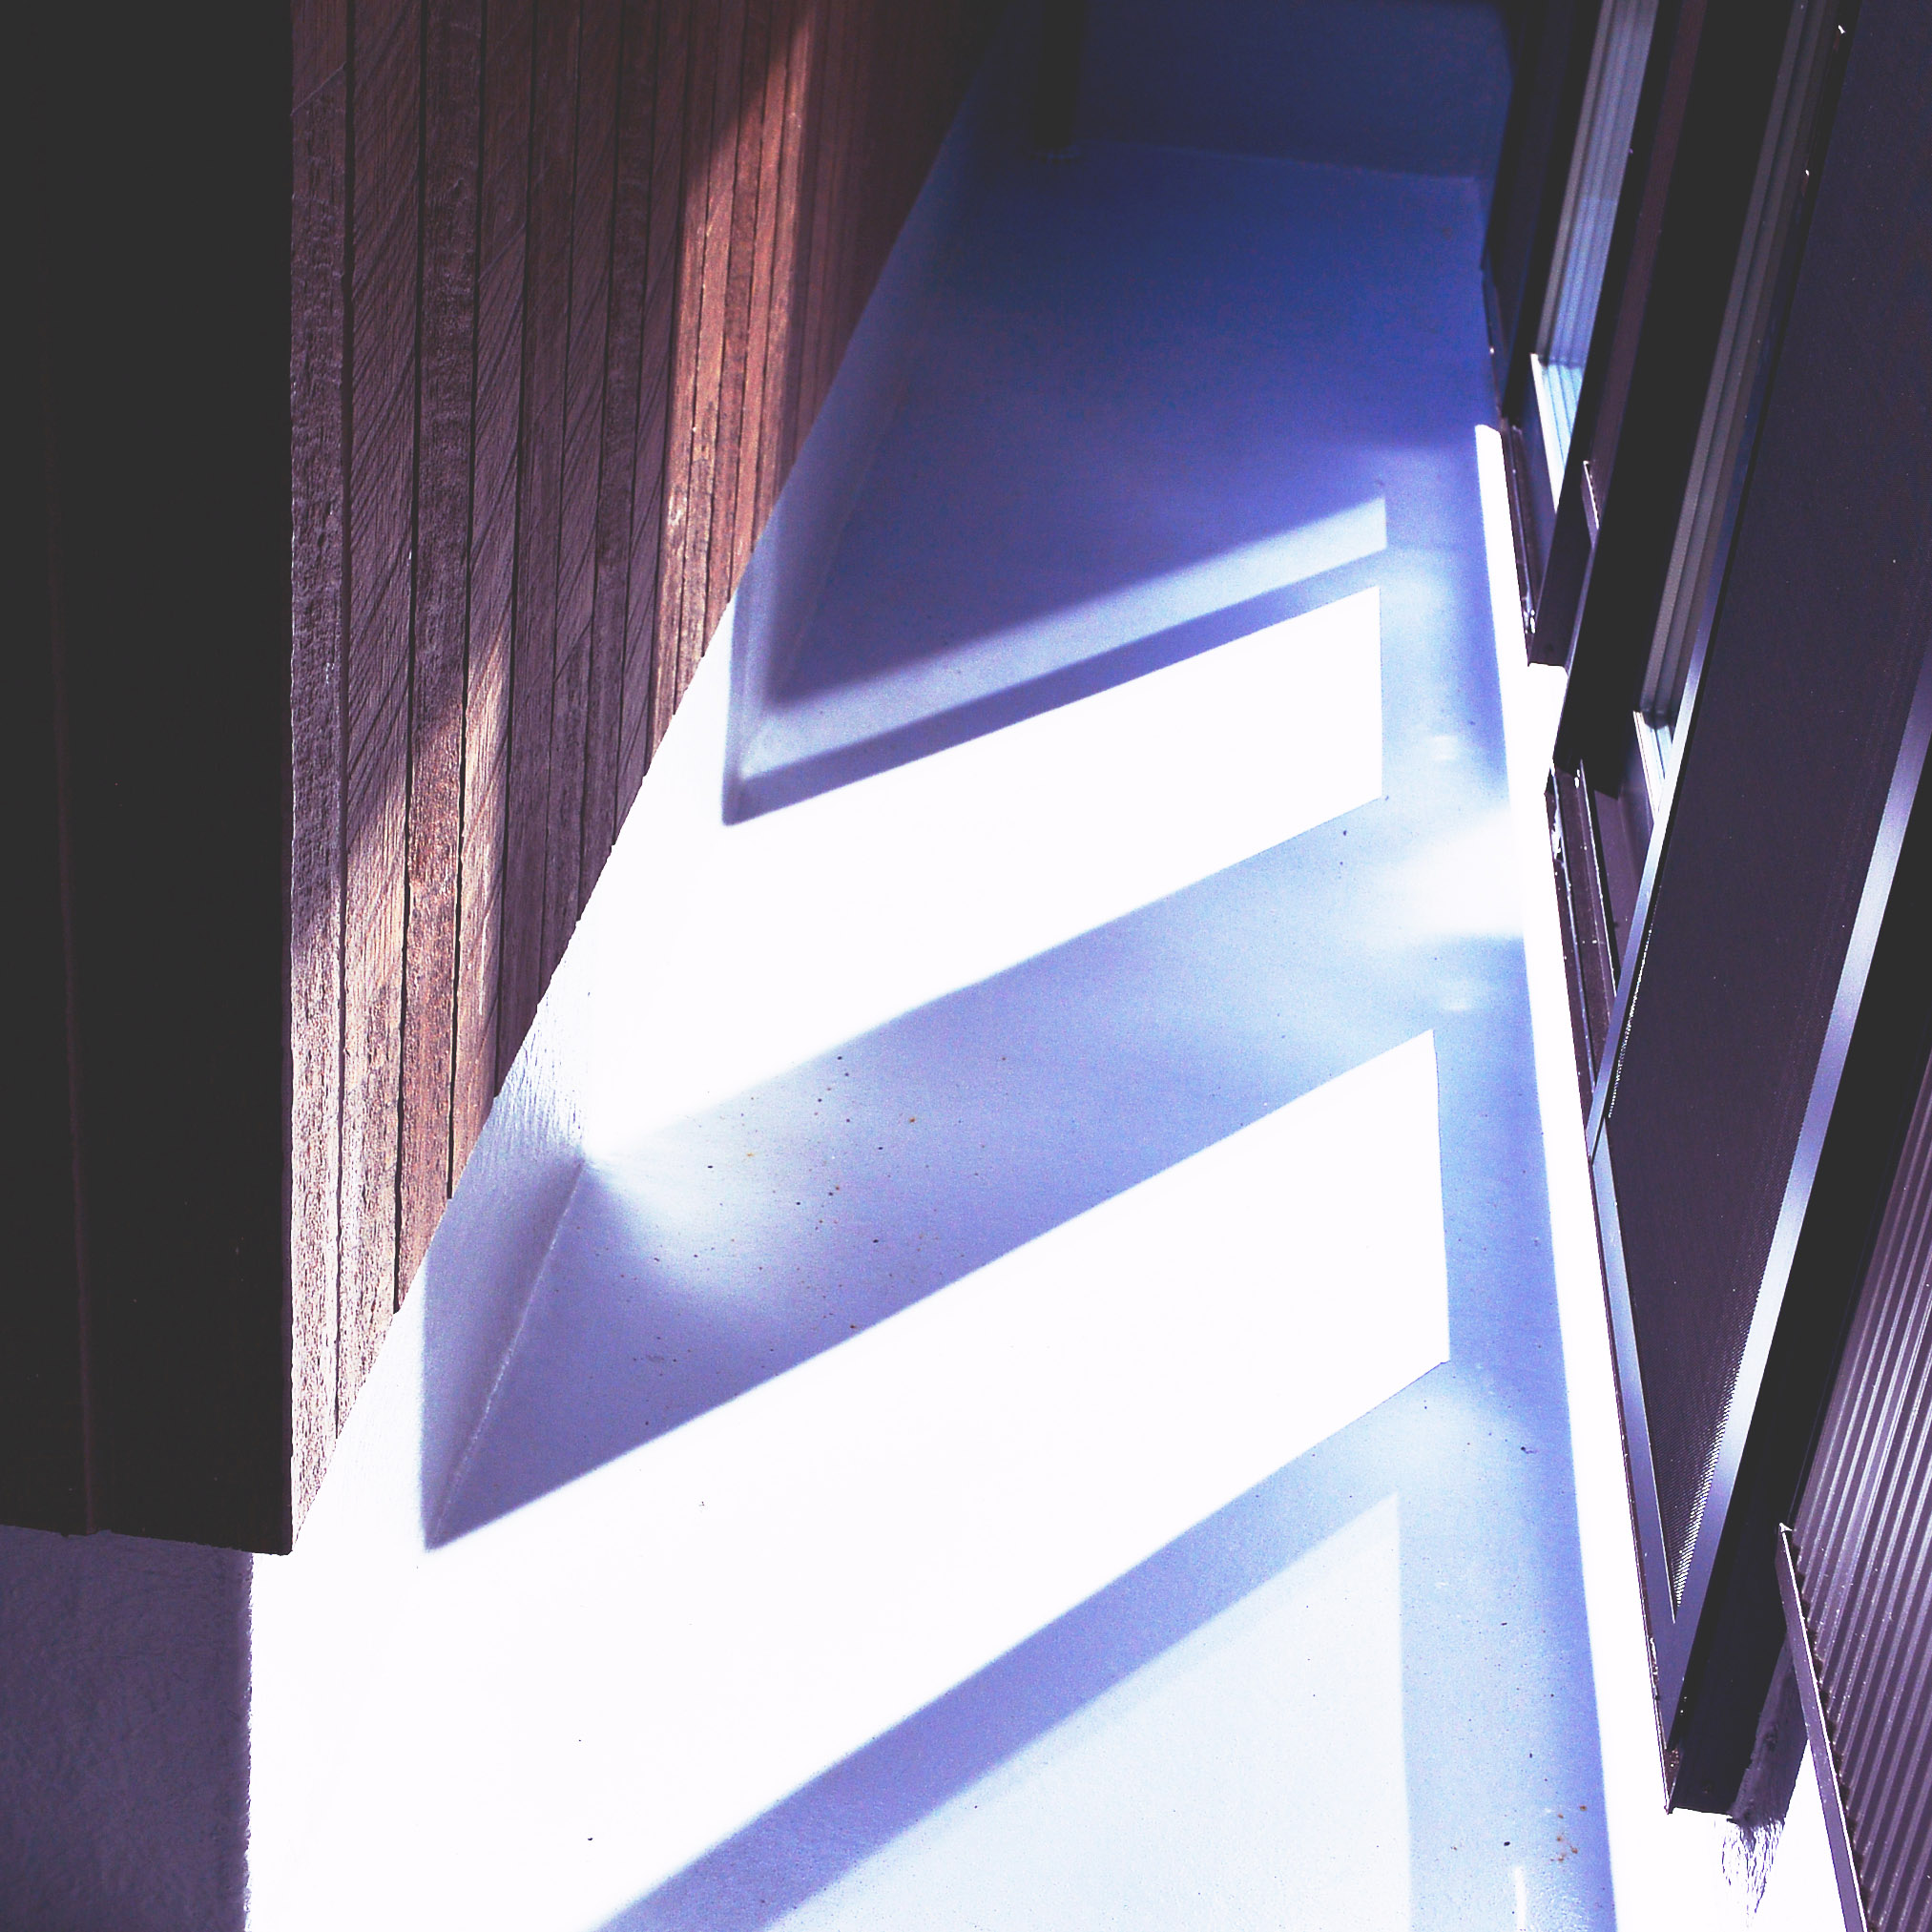 鳥取で建築写真や竣工写真の撮影をするならマジカルフォトワークを紹介する写真-鳥取建築写真-6